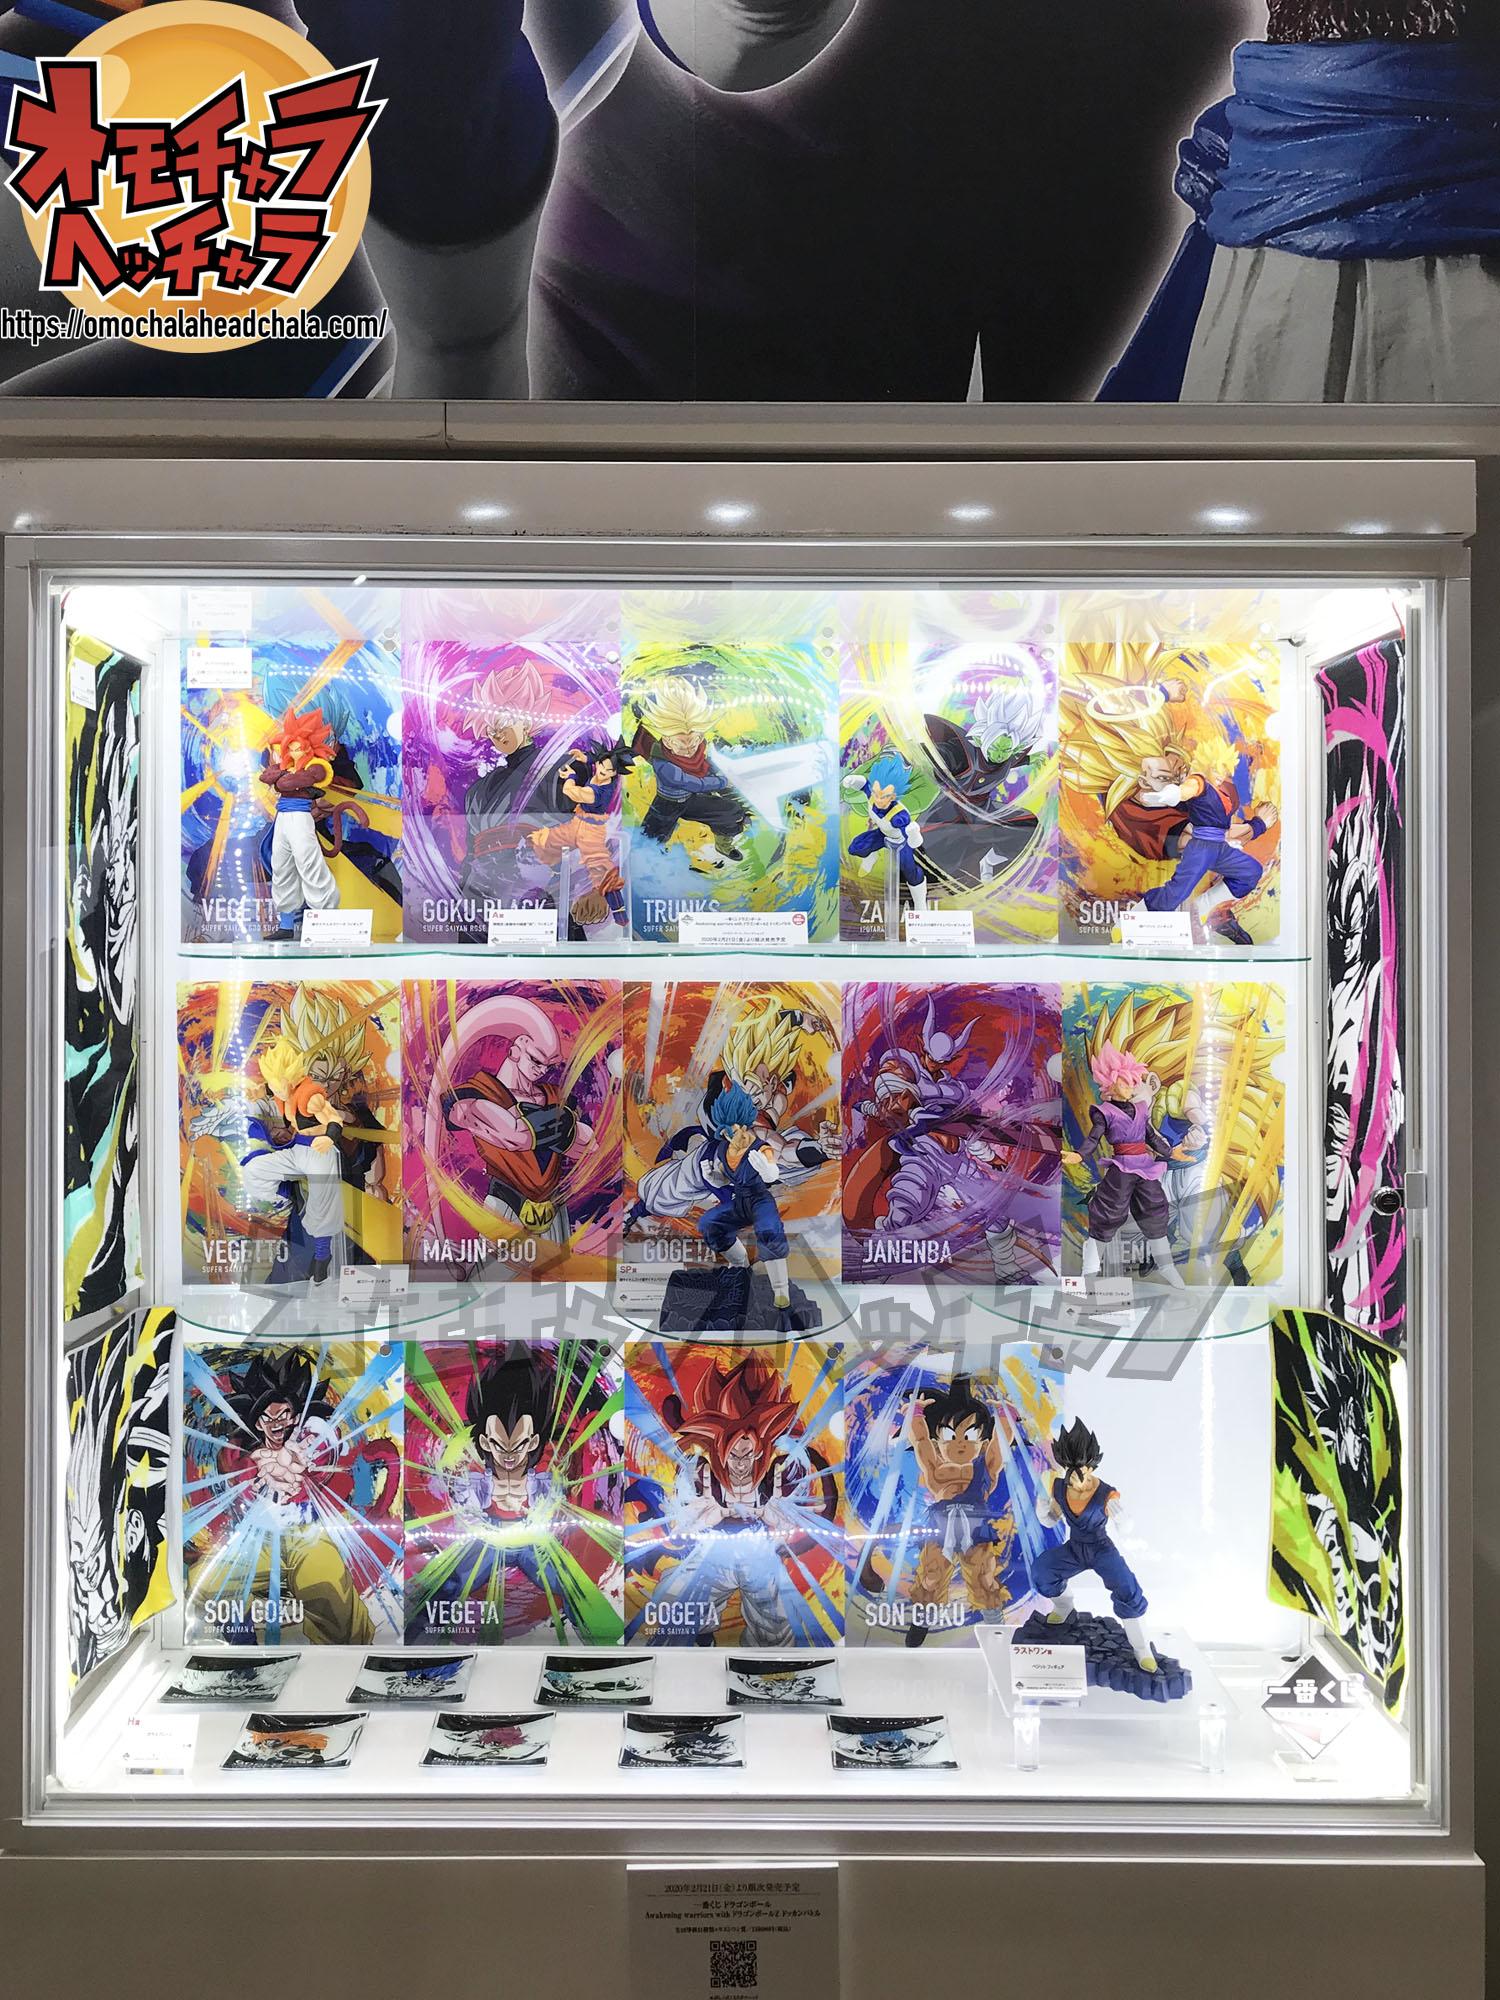 一番くじ ドラゴンボール Awakening warriors with ドラゴンボールZ ドッカンバトル